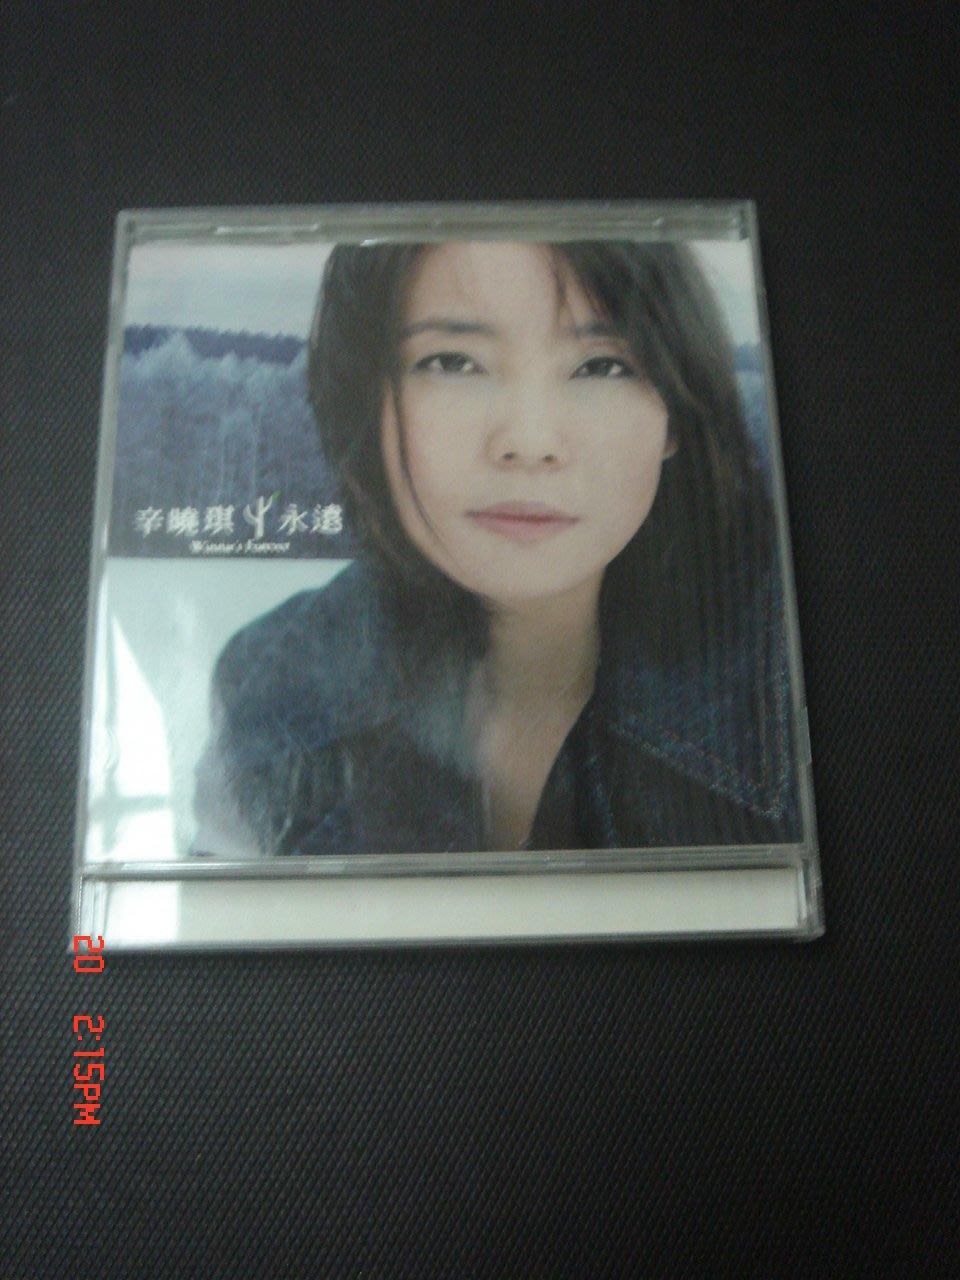 【華語音樂珍藏】CD ~~辛曉琪~~永遠